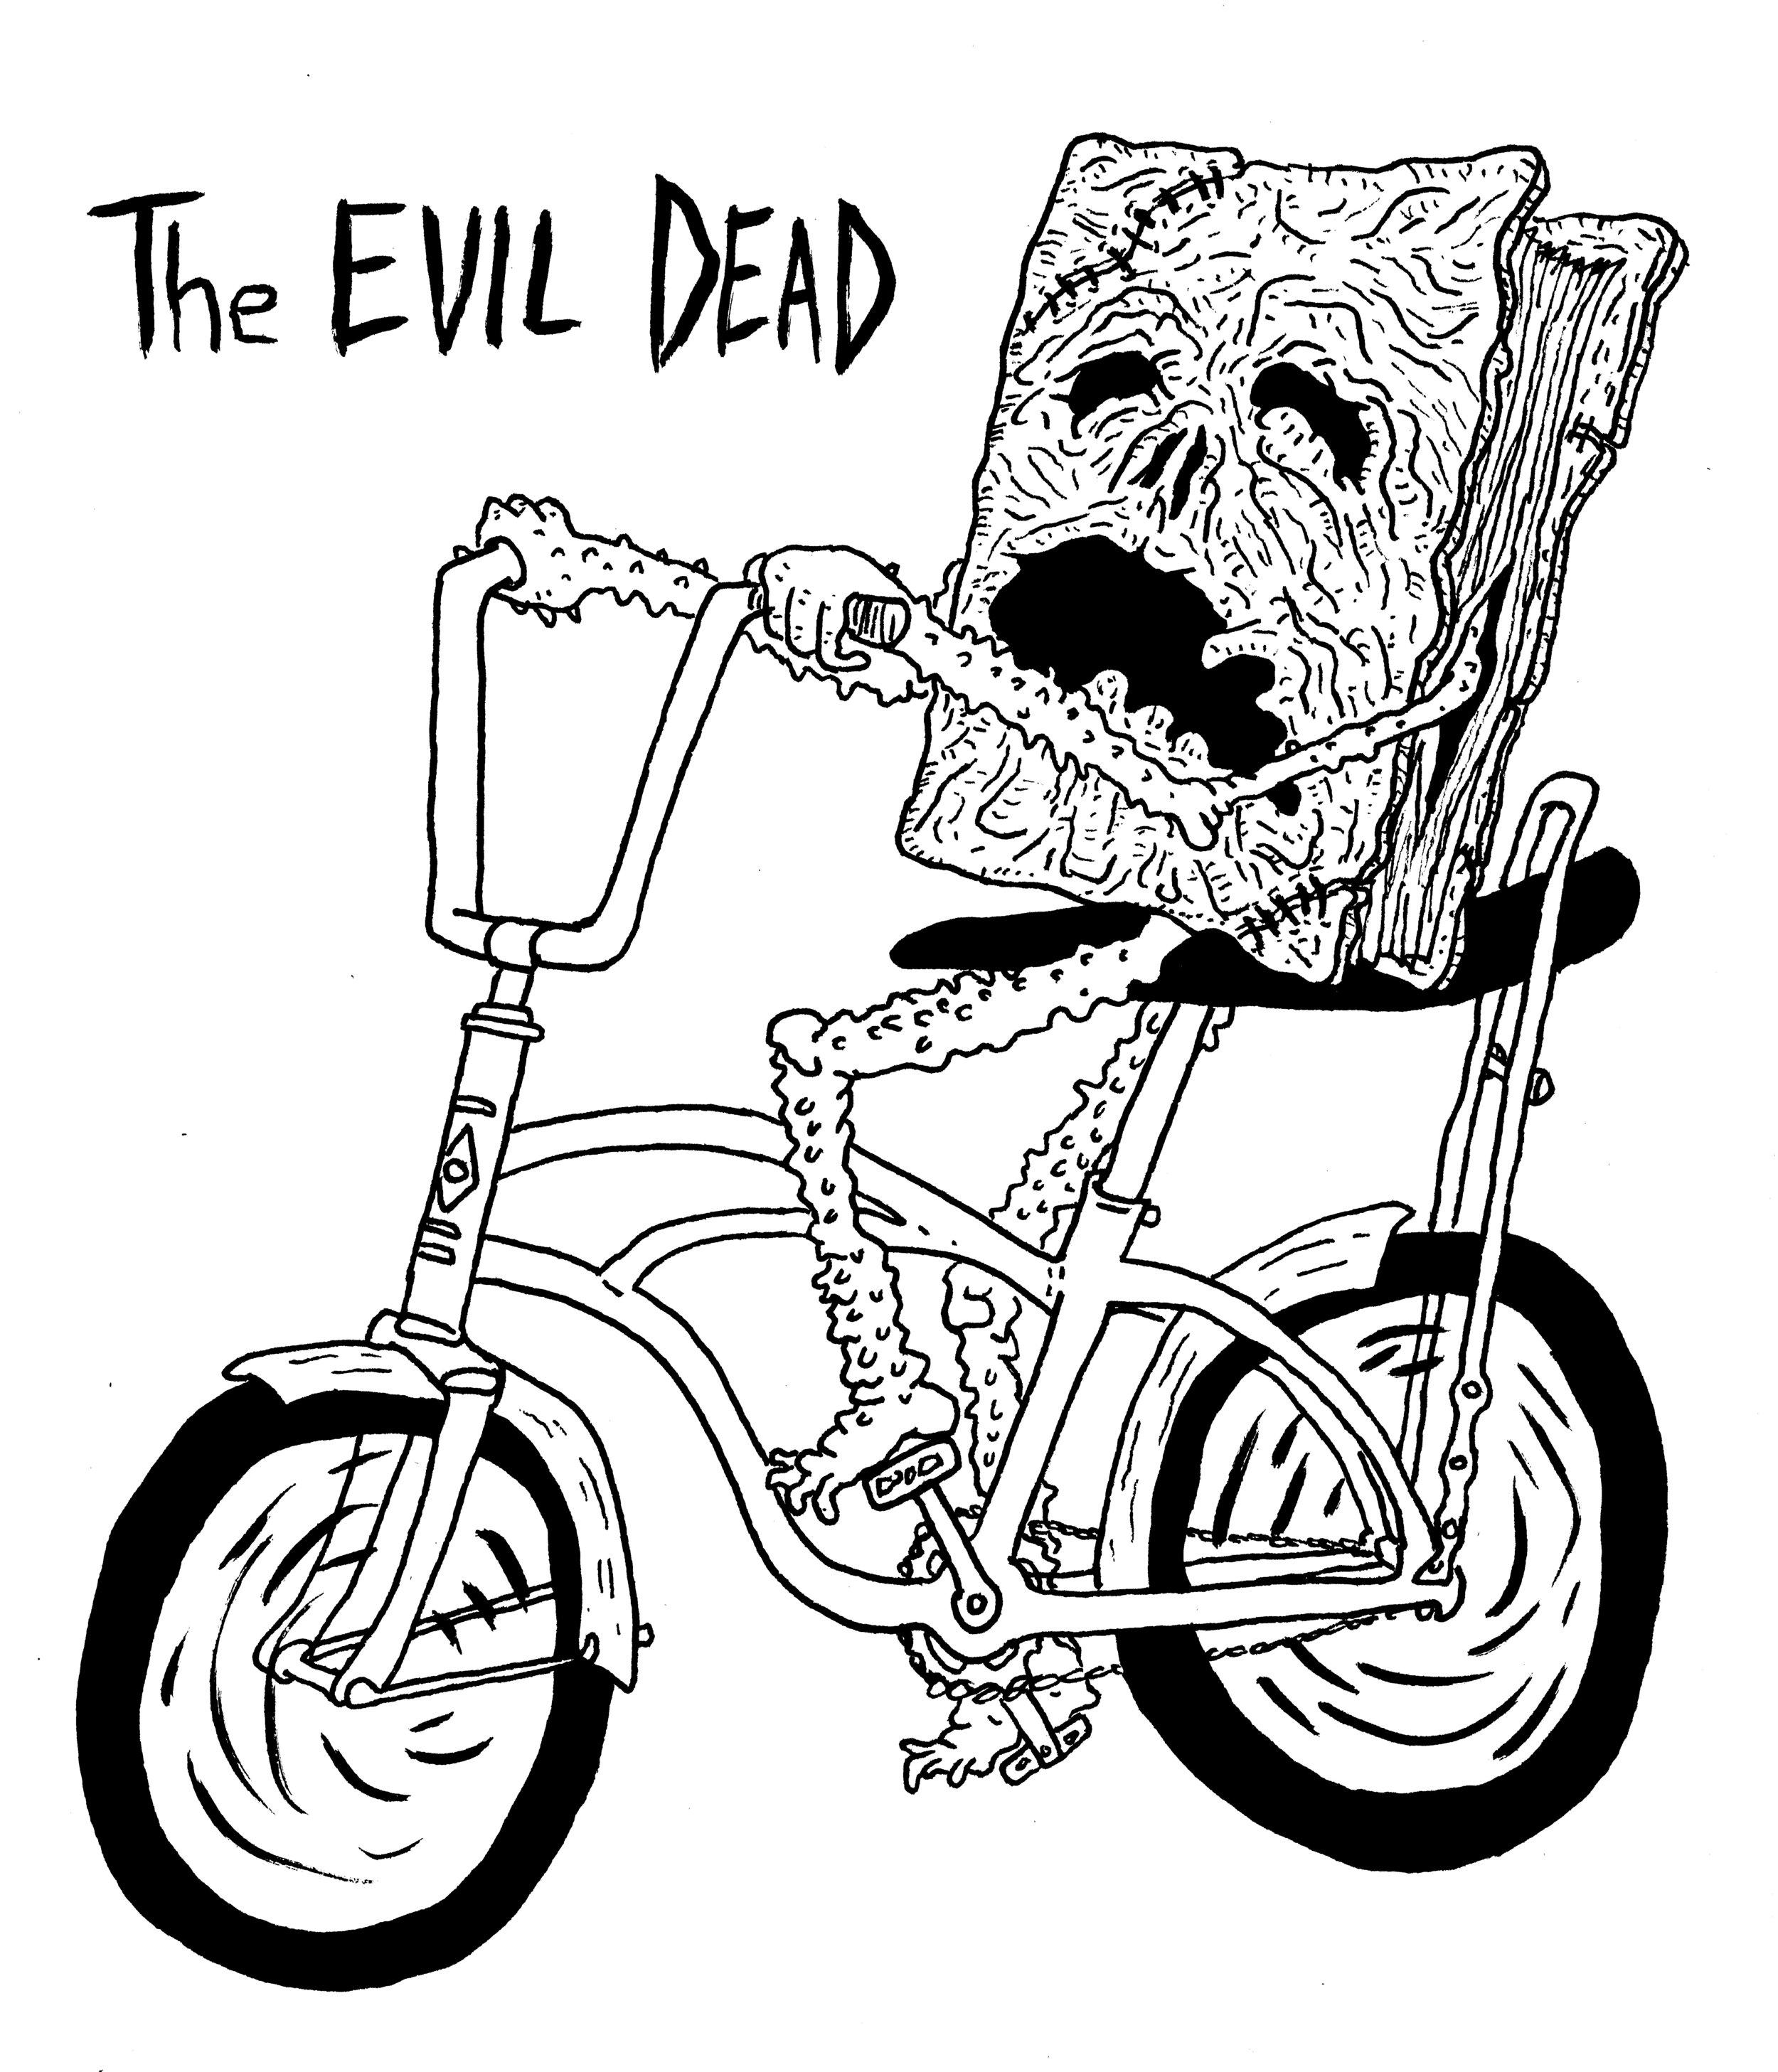 The Evil Dead003.jpg